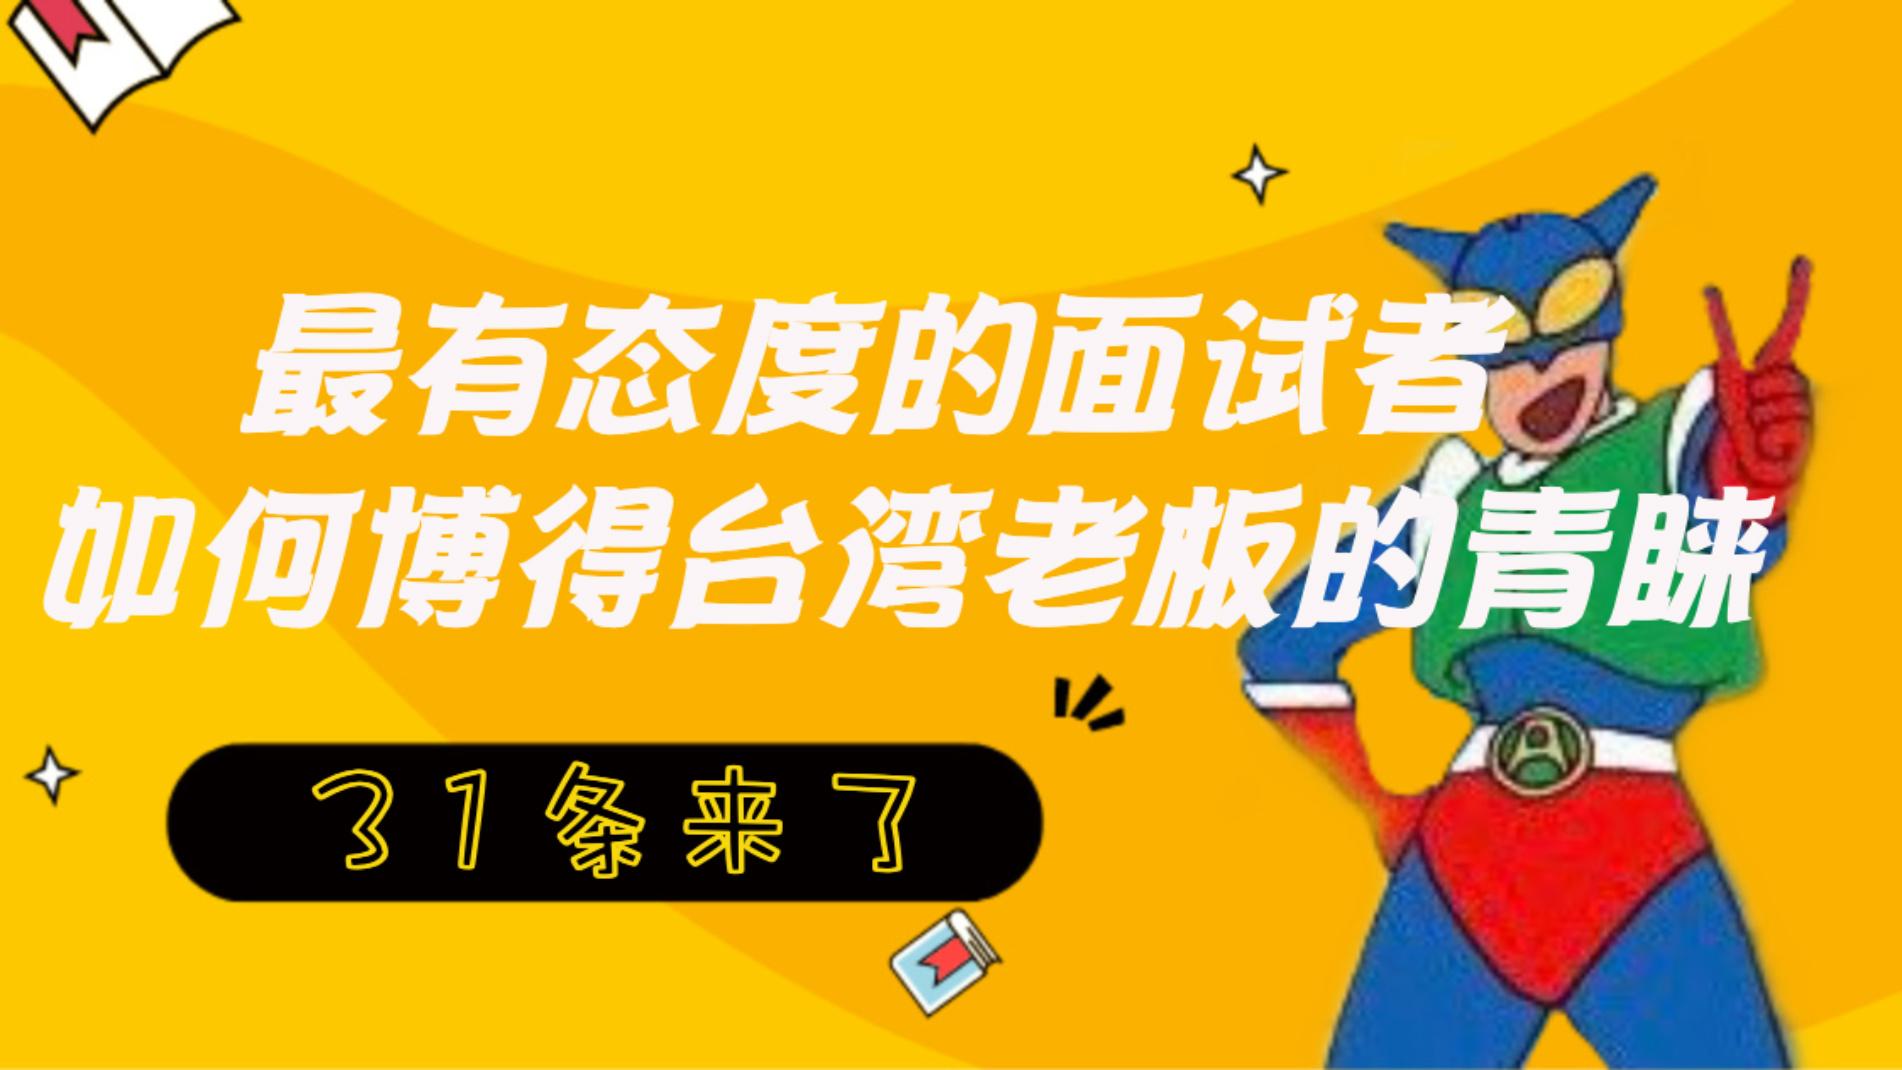 最有态度的面试者 如何博得台湾老板的青睐图片